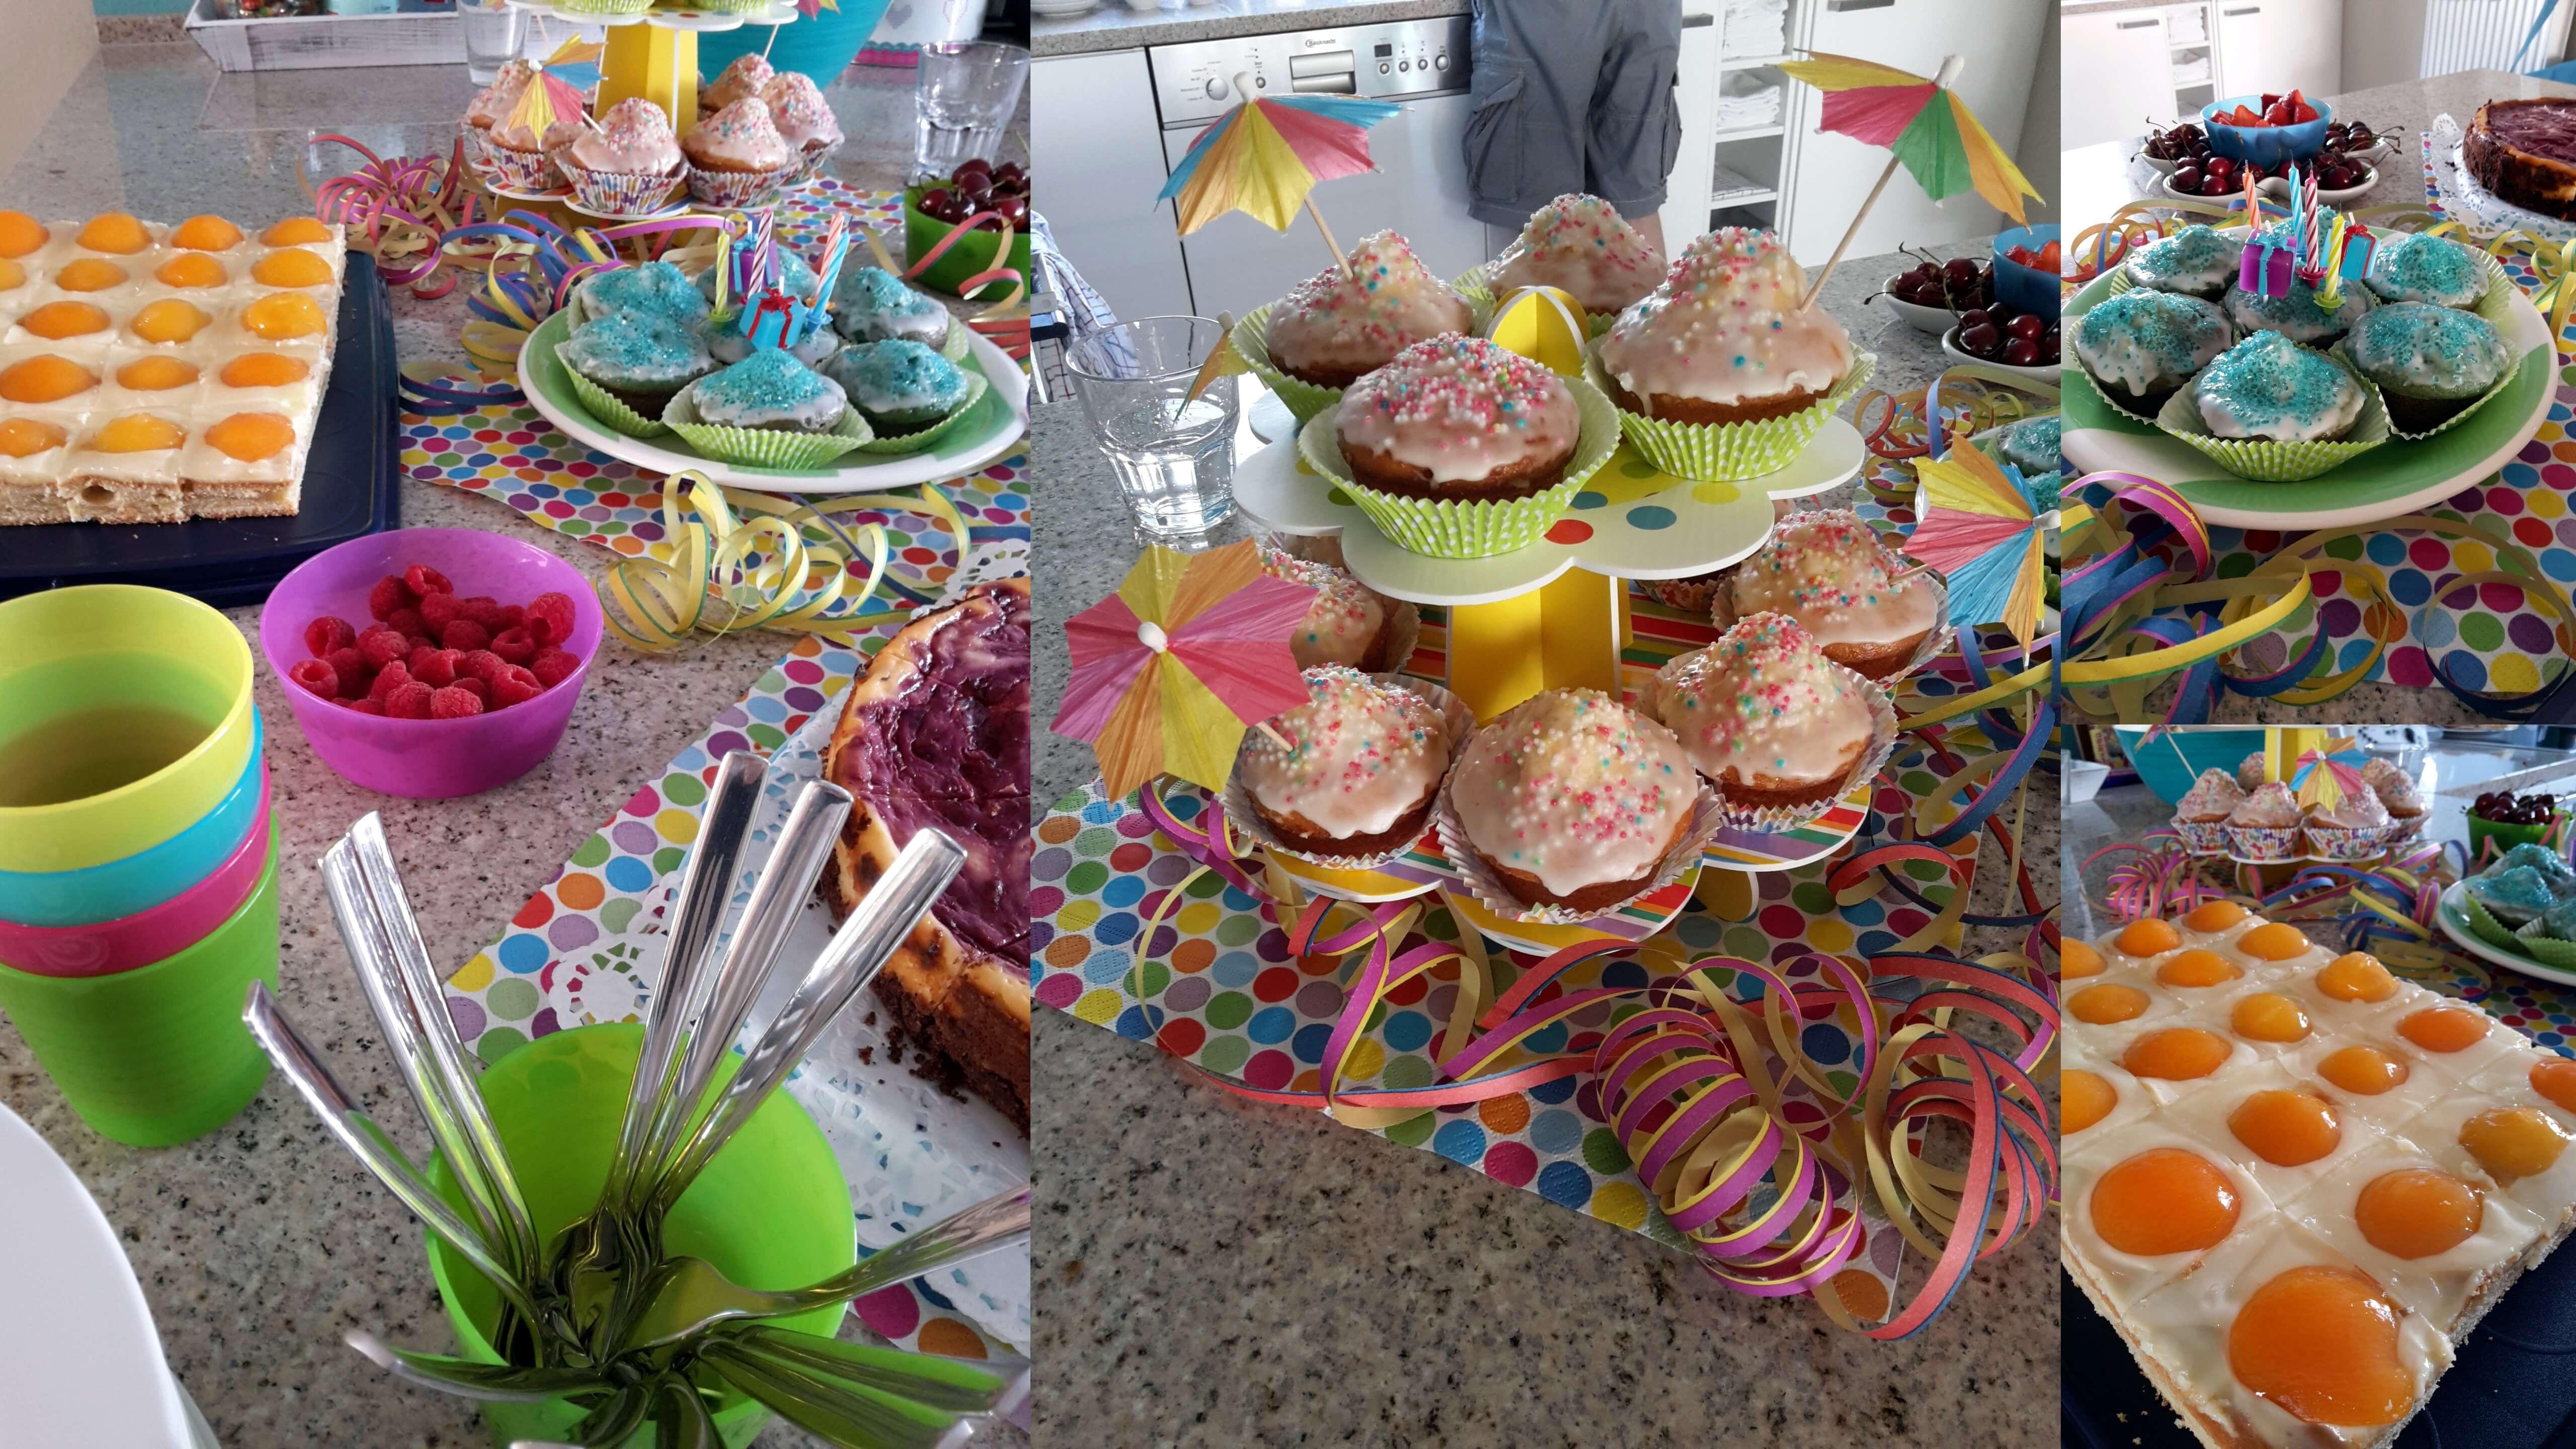 Geburtstagsgeschenk 3 Jahre  Schnelle Kinder Kuchen Schlumpfpupsmuffins und